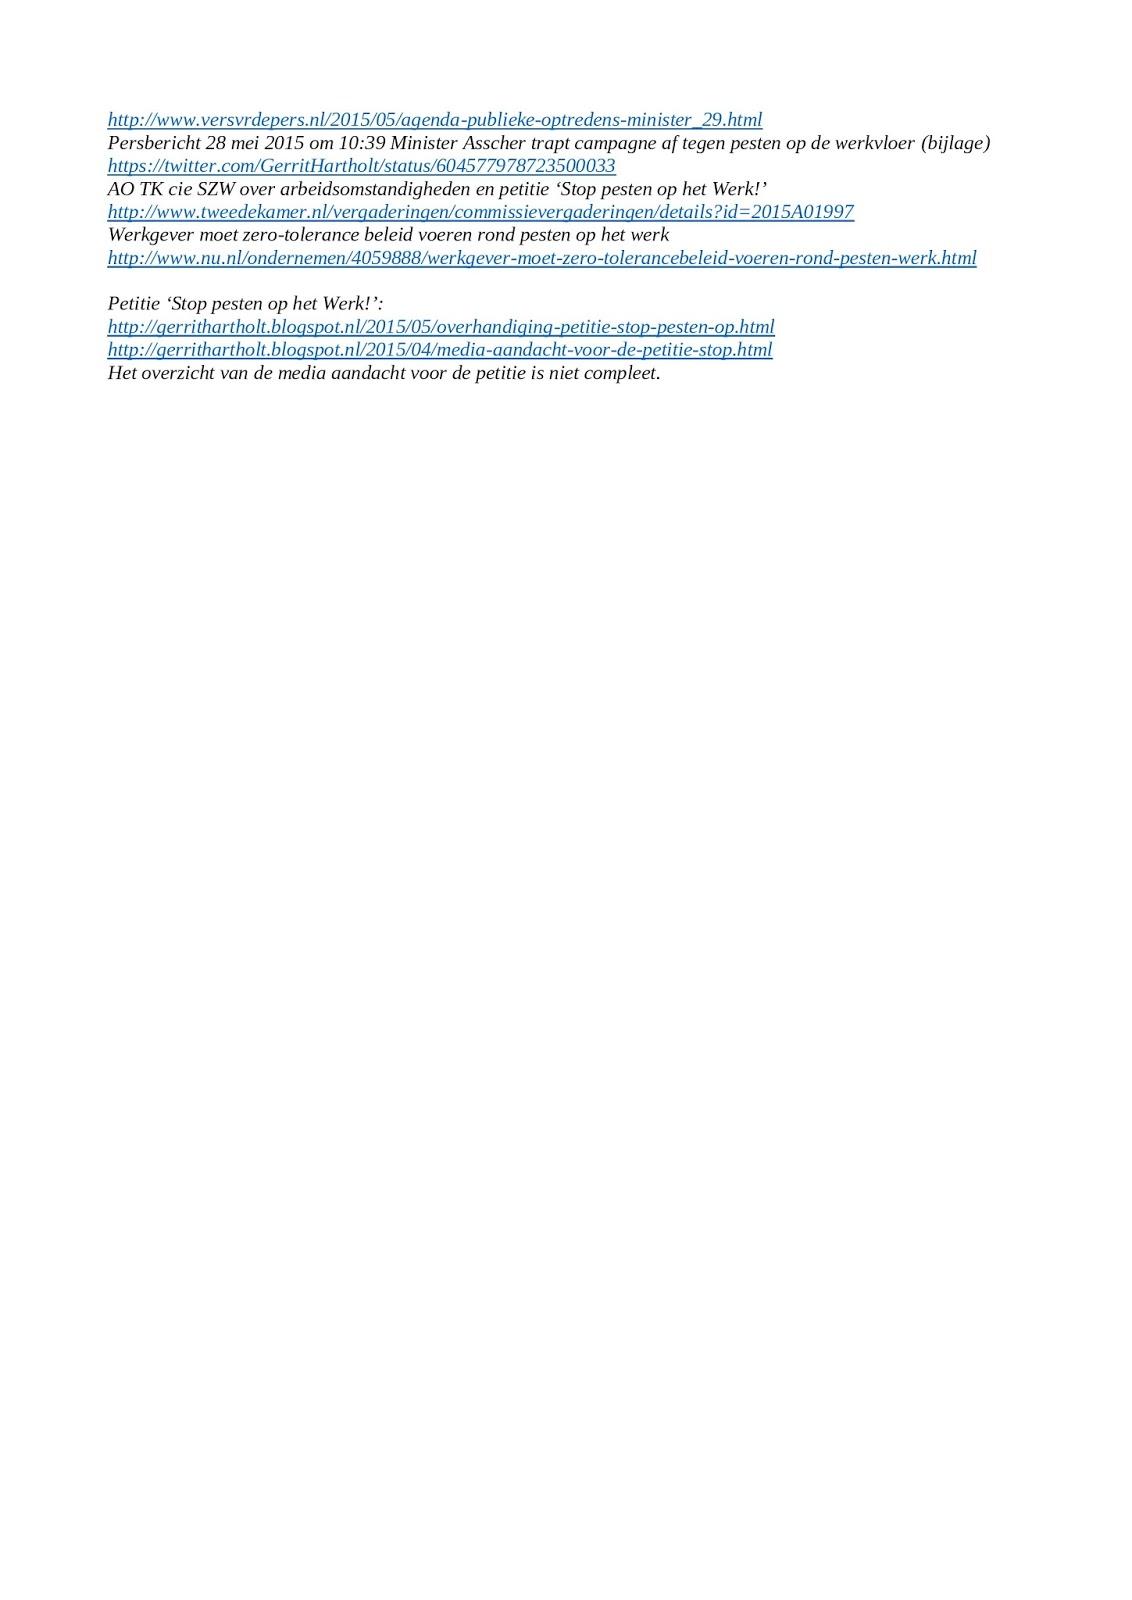 weblog gerrit hartholt: persbericht: gepest op de werkvloer gepest